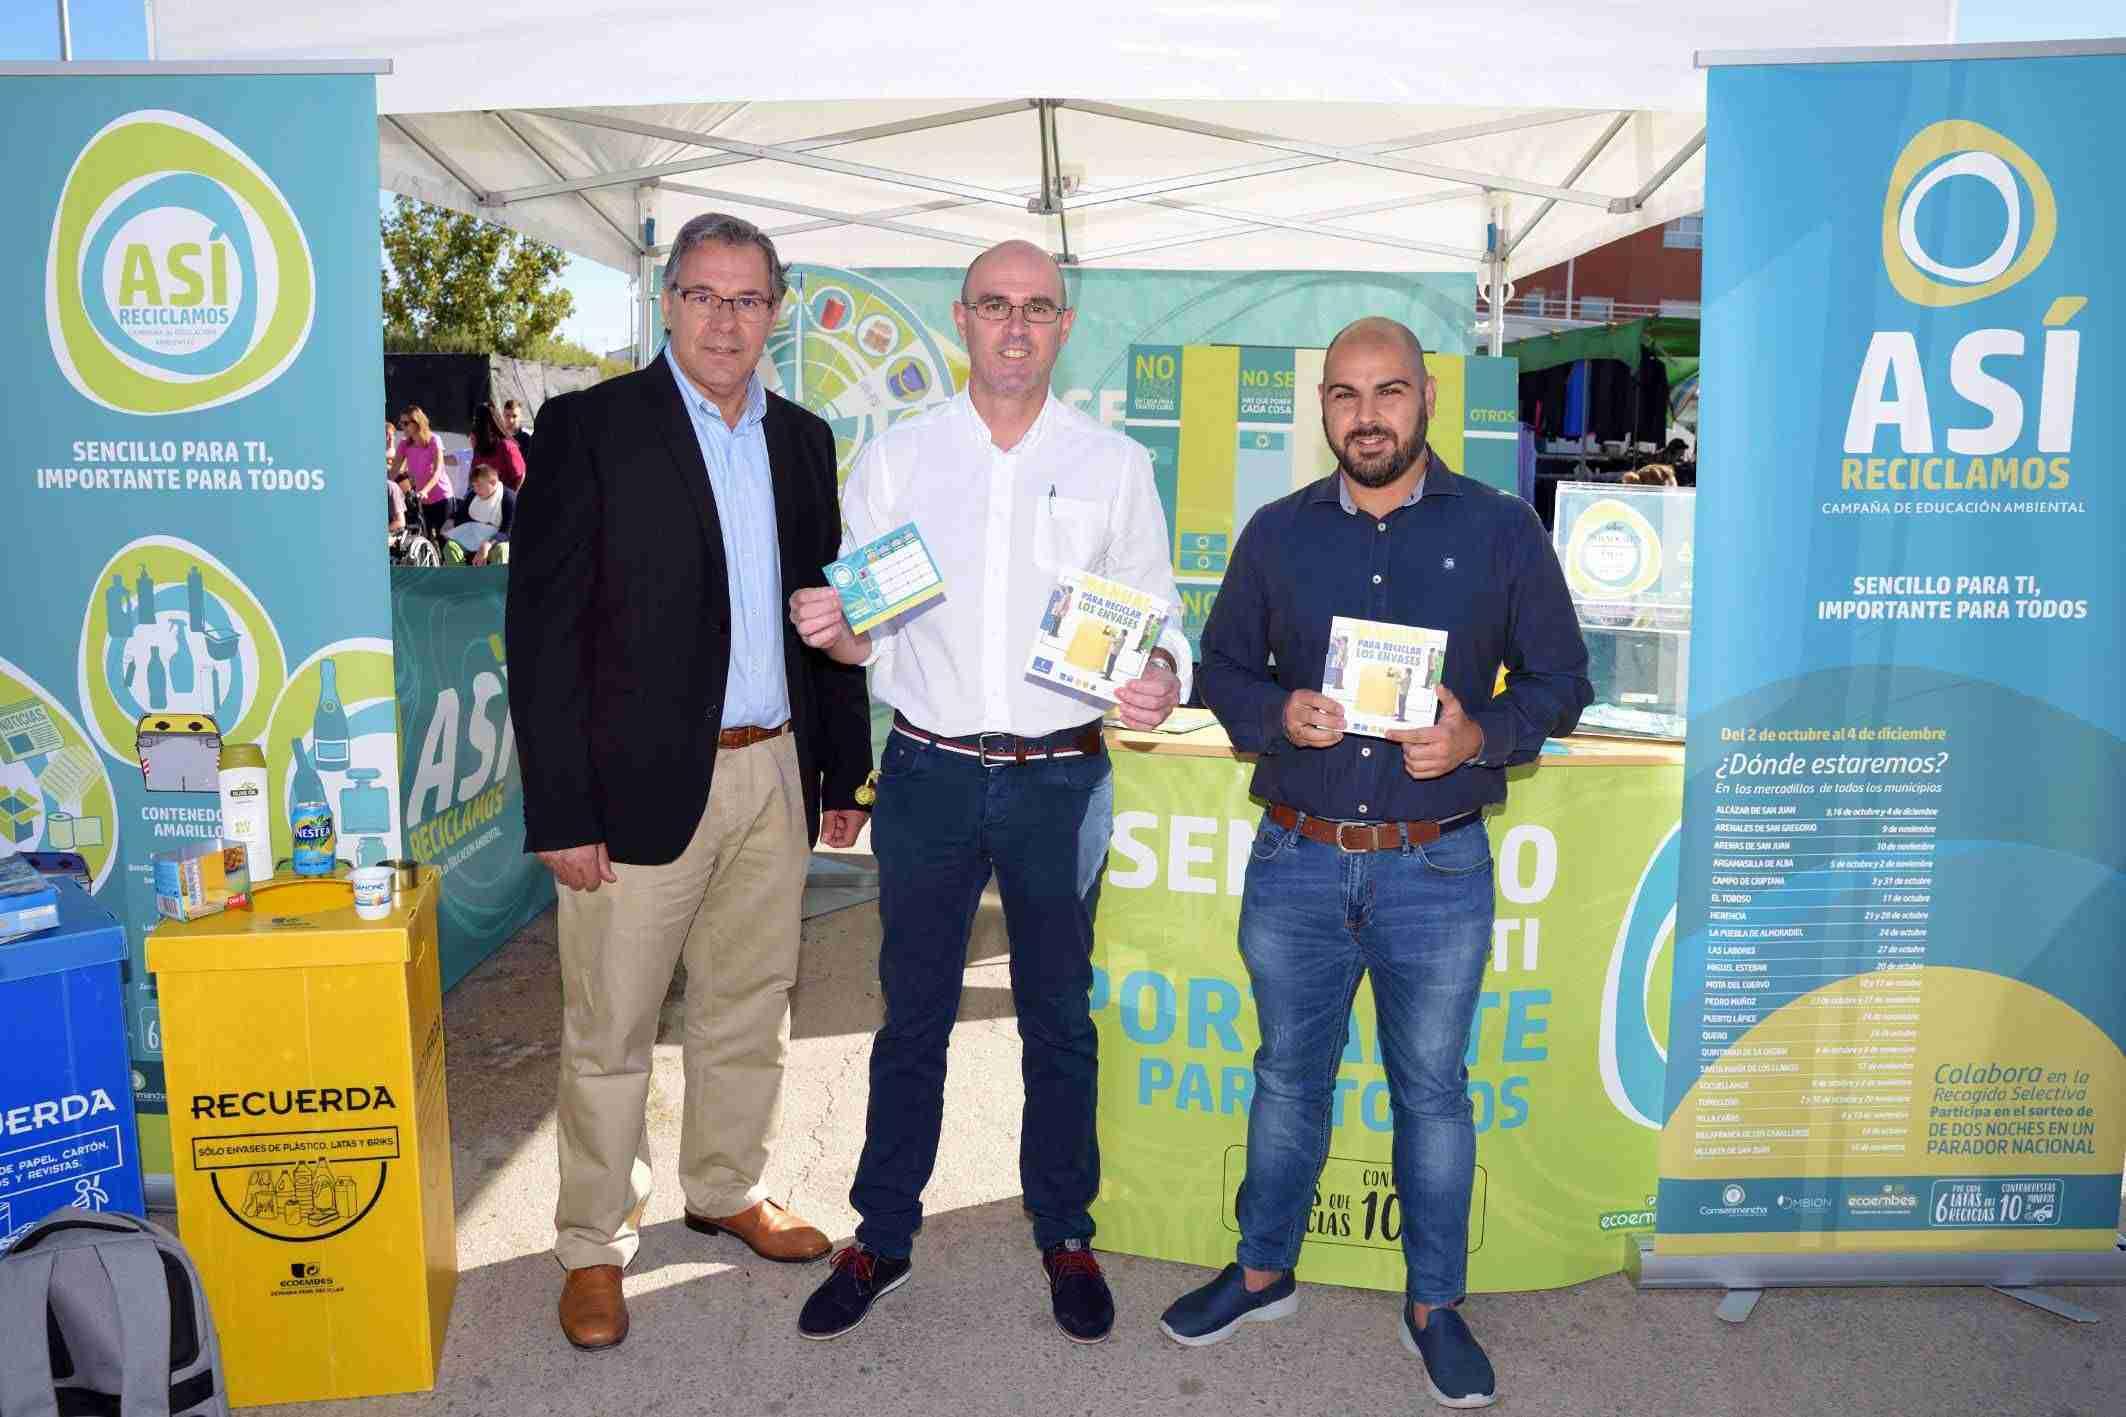 Segunda campaña informativa sobre reciclaje en mercadillos y espacios públicos de Comsermancha 1